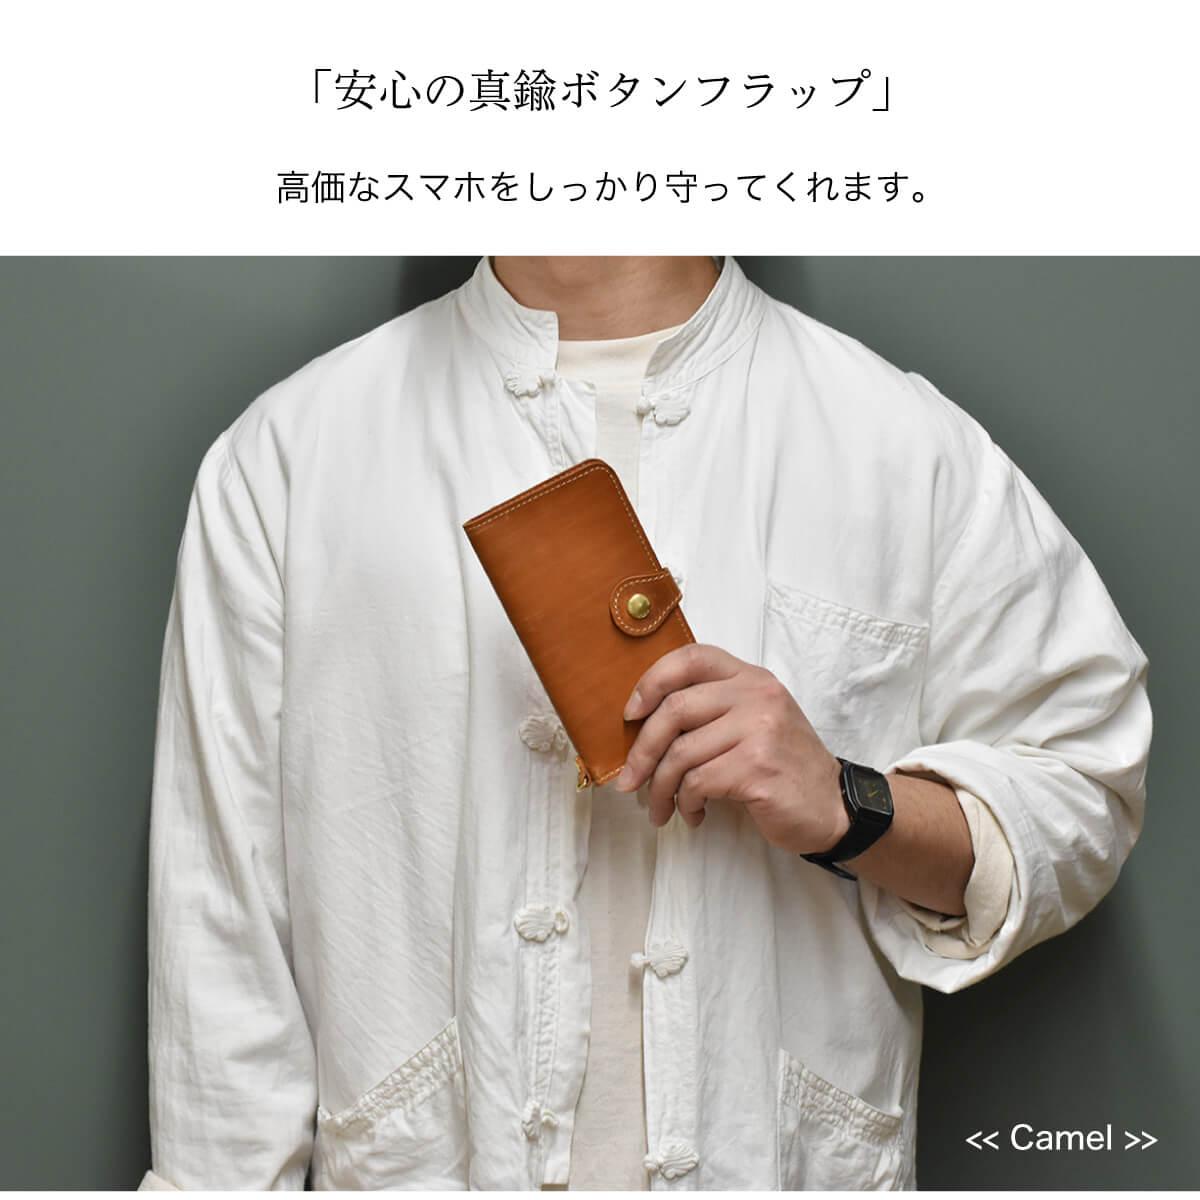 ブエブロレザー スマホケース2.0 Camel フラップ付き iPhone Android 最新機種対応 【名入れ可】